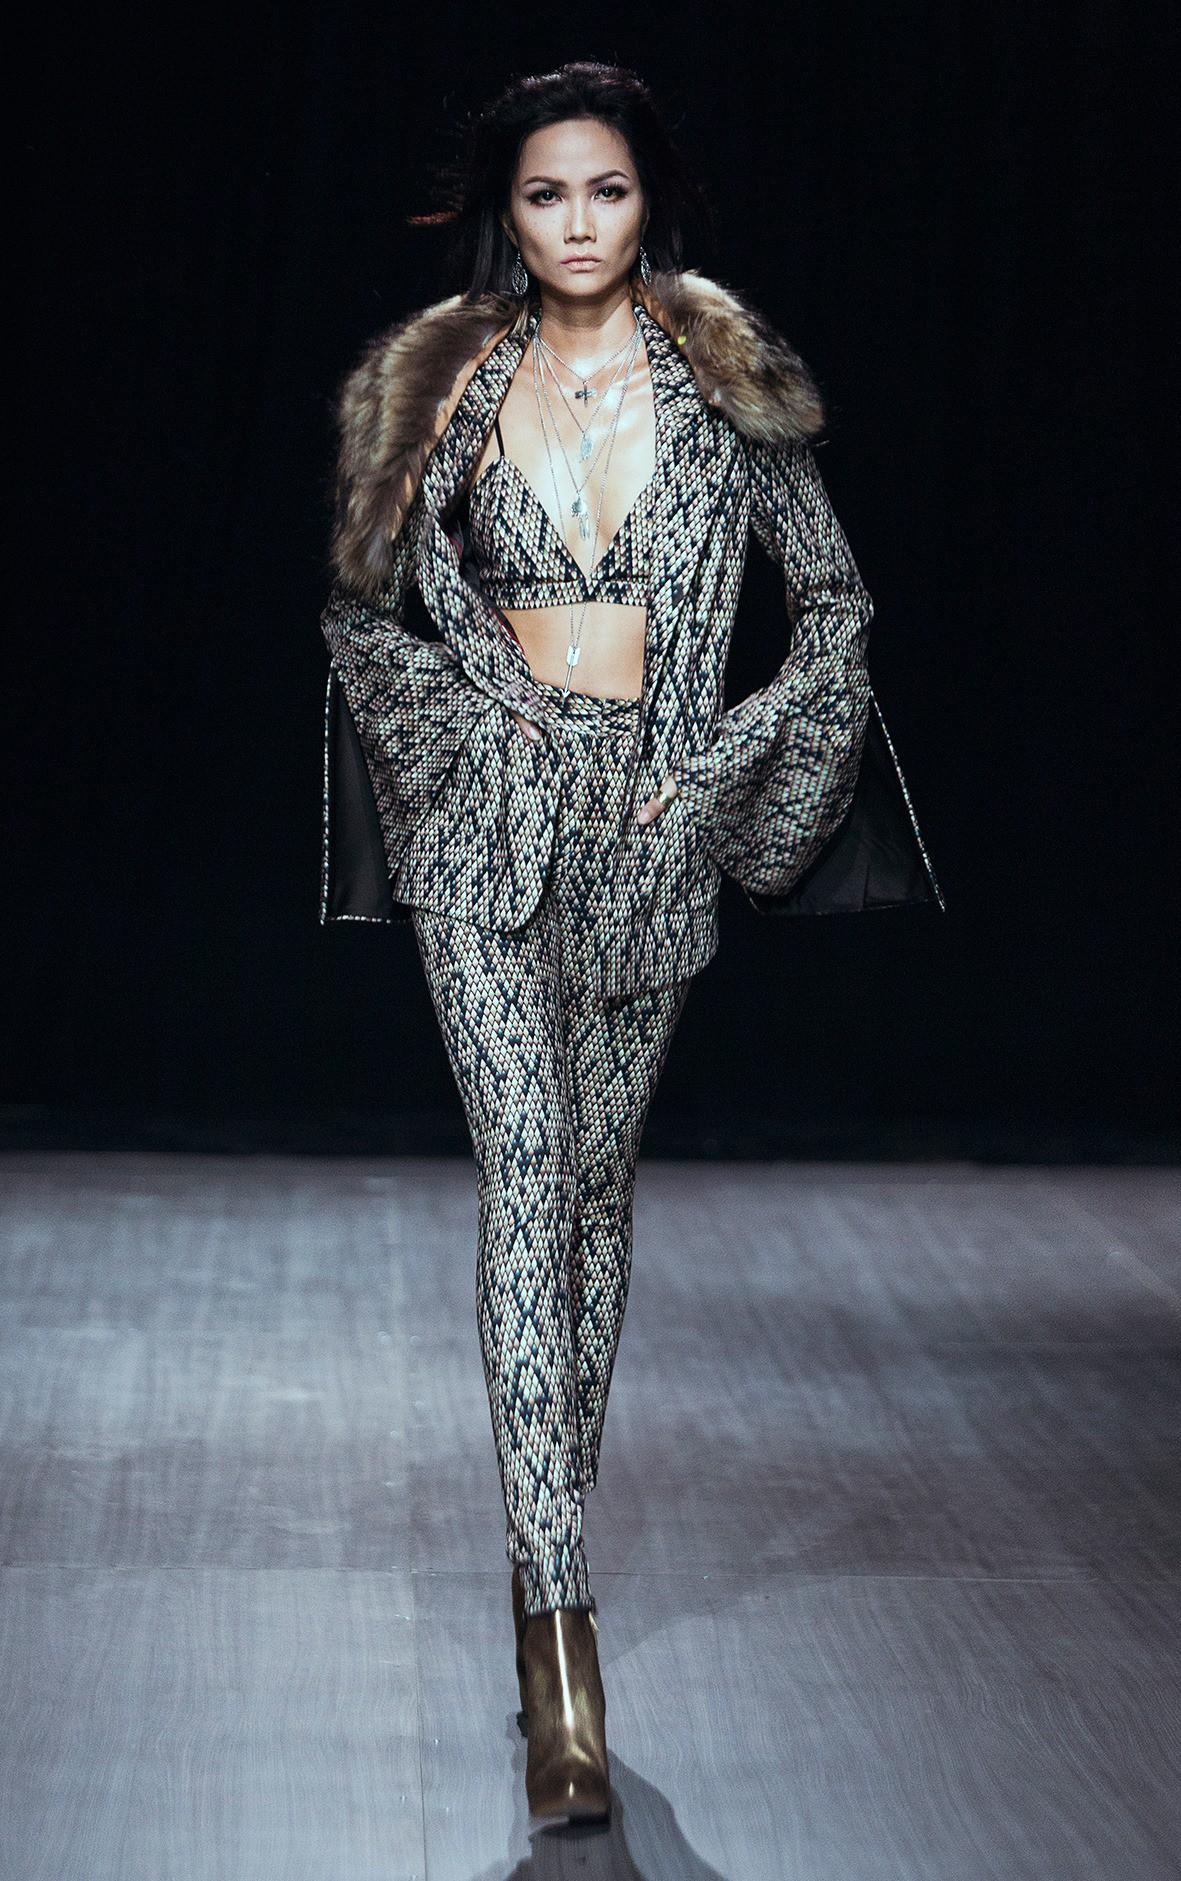 Trước khi đăng quang Hoa hậu, HHen Niê đã là một người mẫu sáng giá với những khoảnh khắc catwalk xuất thần như thế này đây - Ảnh 9.